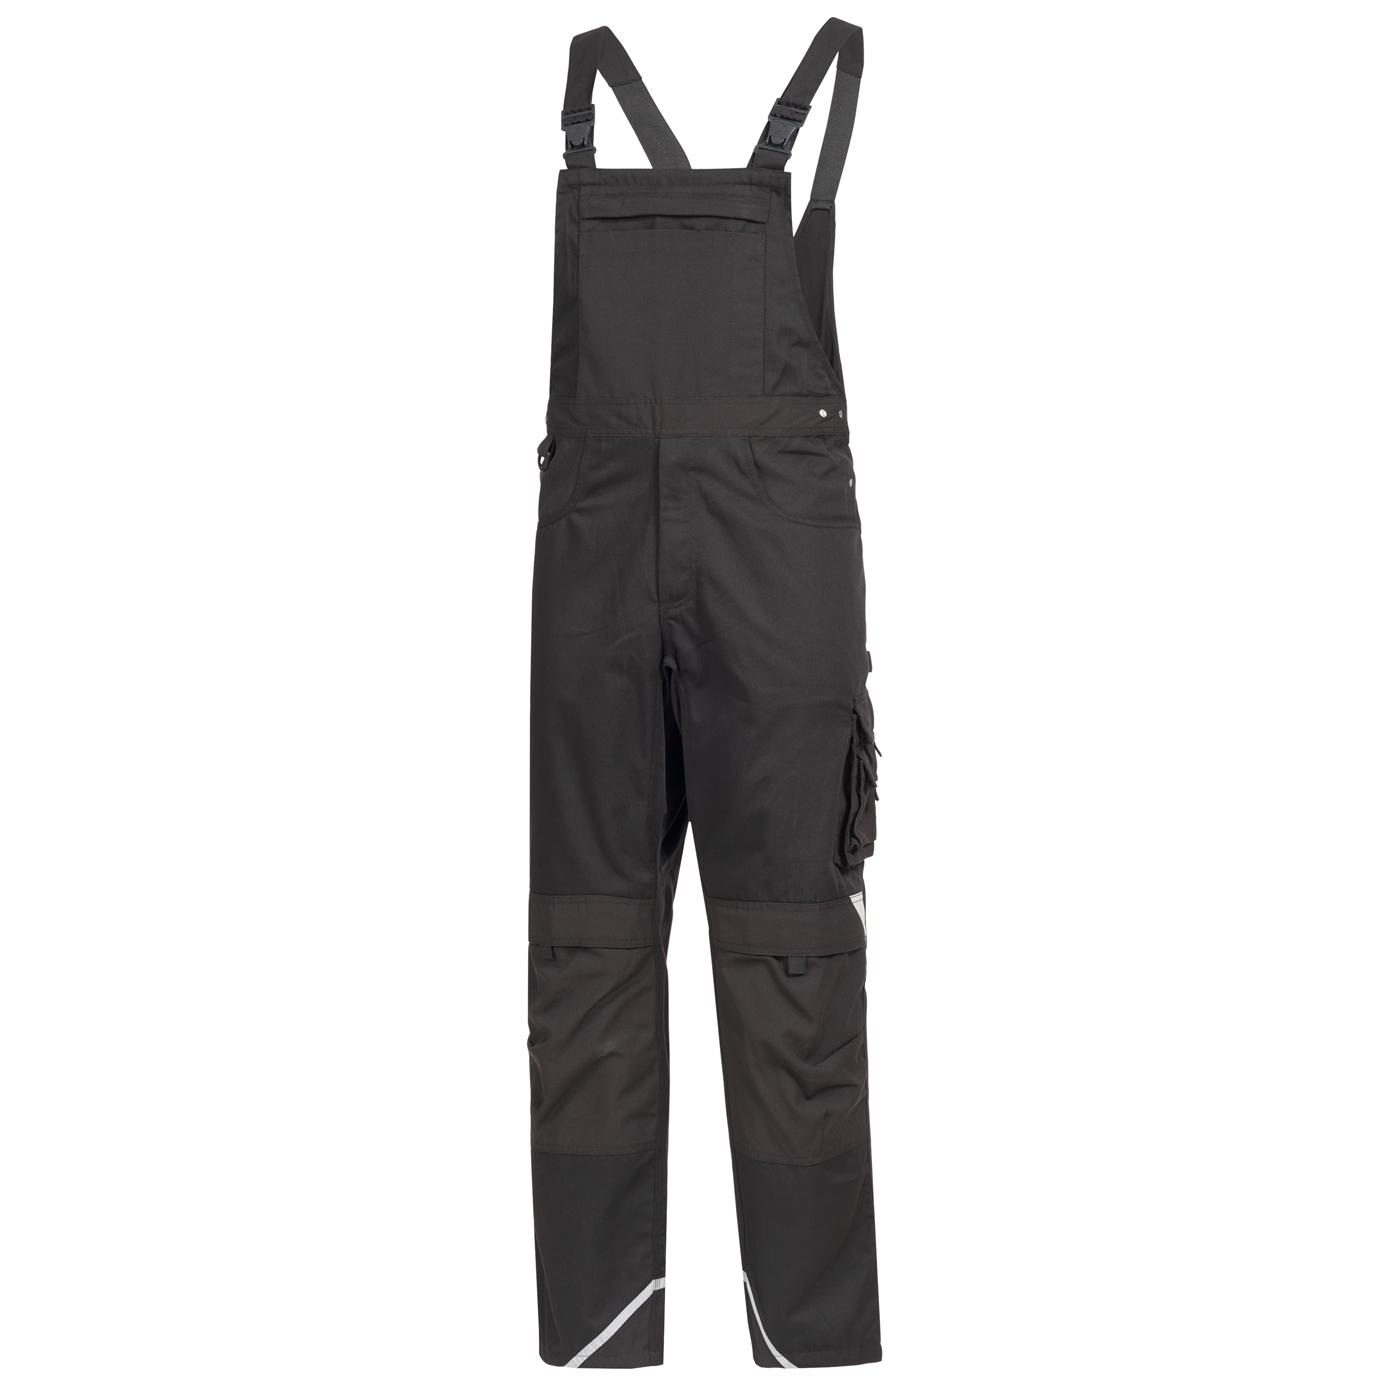 Spodnie ogrodniczki Nitras 7620